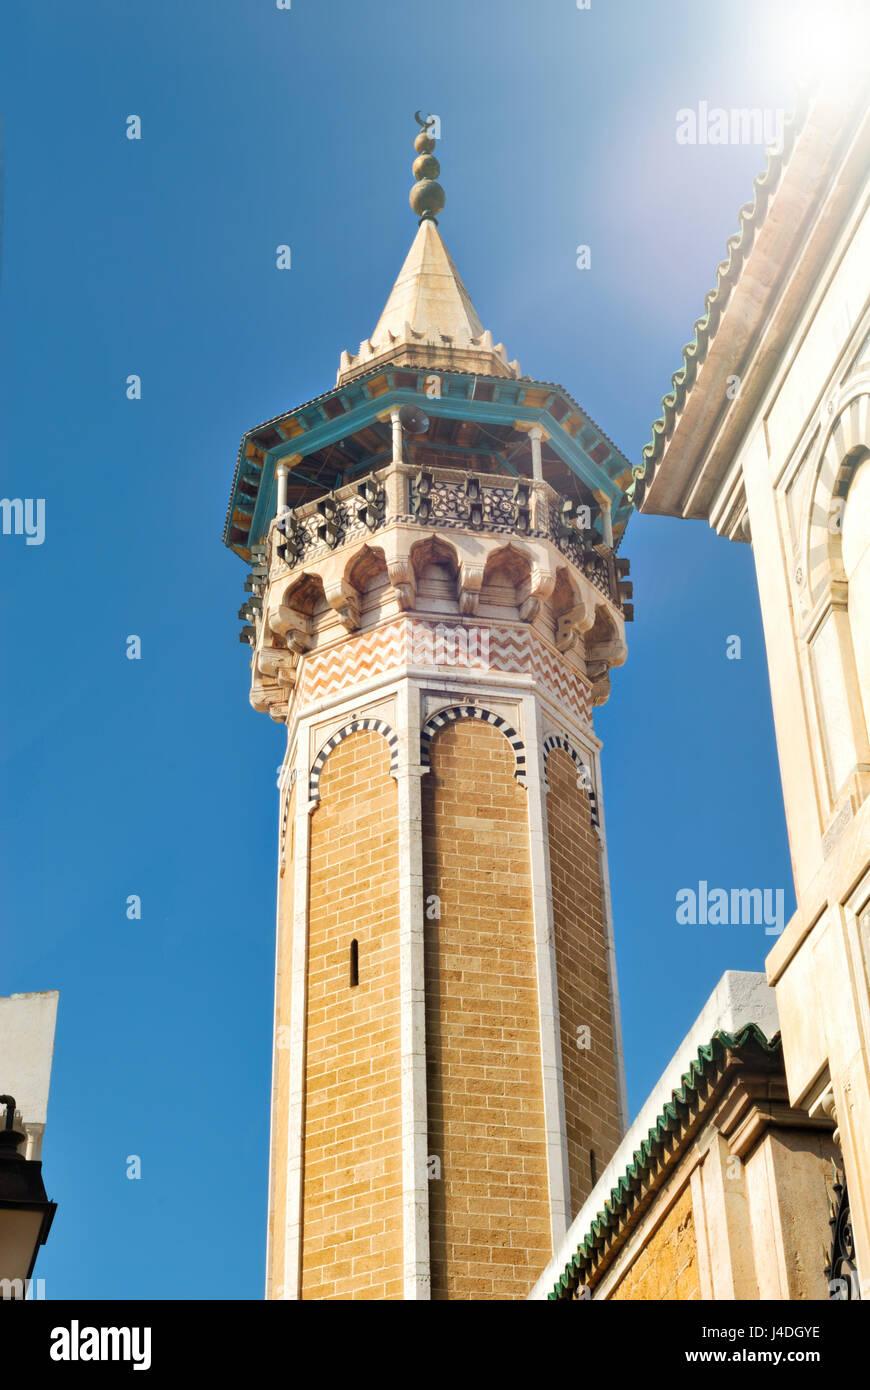 Minarett und die Moschee Hammouda Pacha n der Medina von Tunis in Tunesien, Afrika Stockbild